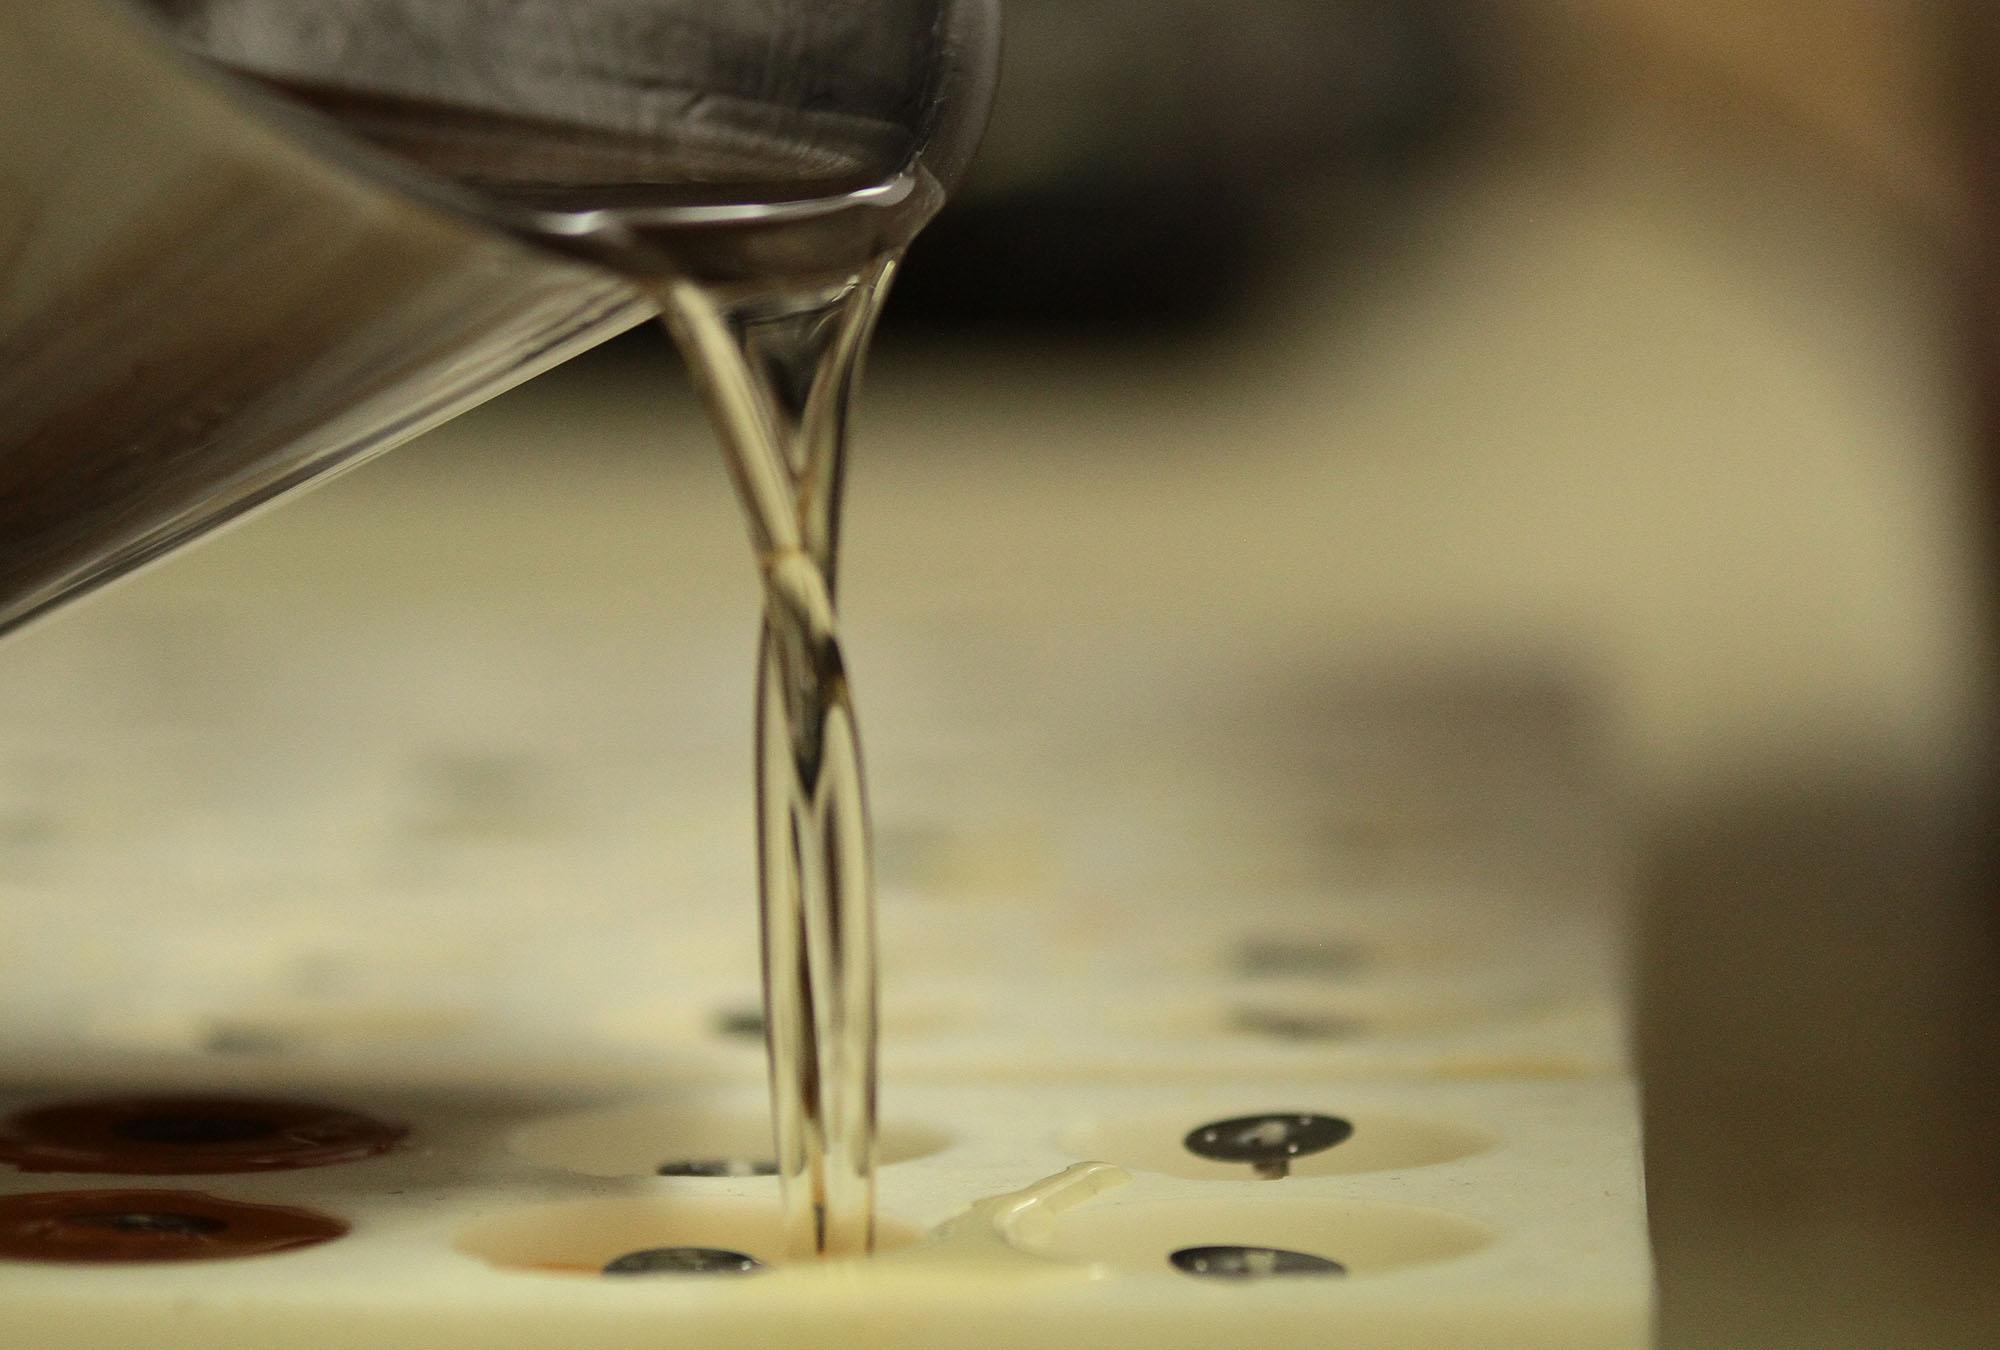 Nachdem die Dochte in die Form eingefügt wurden, kann das flüssige Wachs eingefüllt werden.